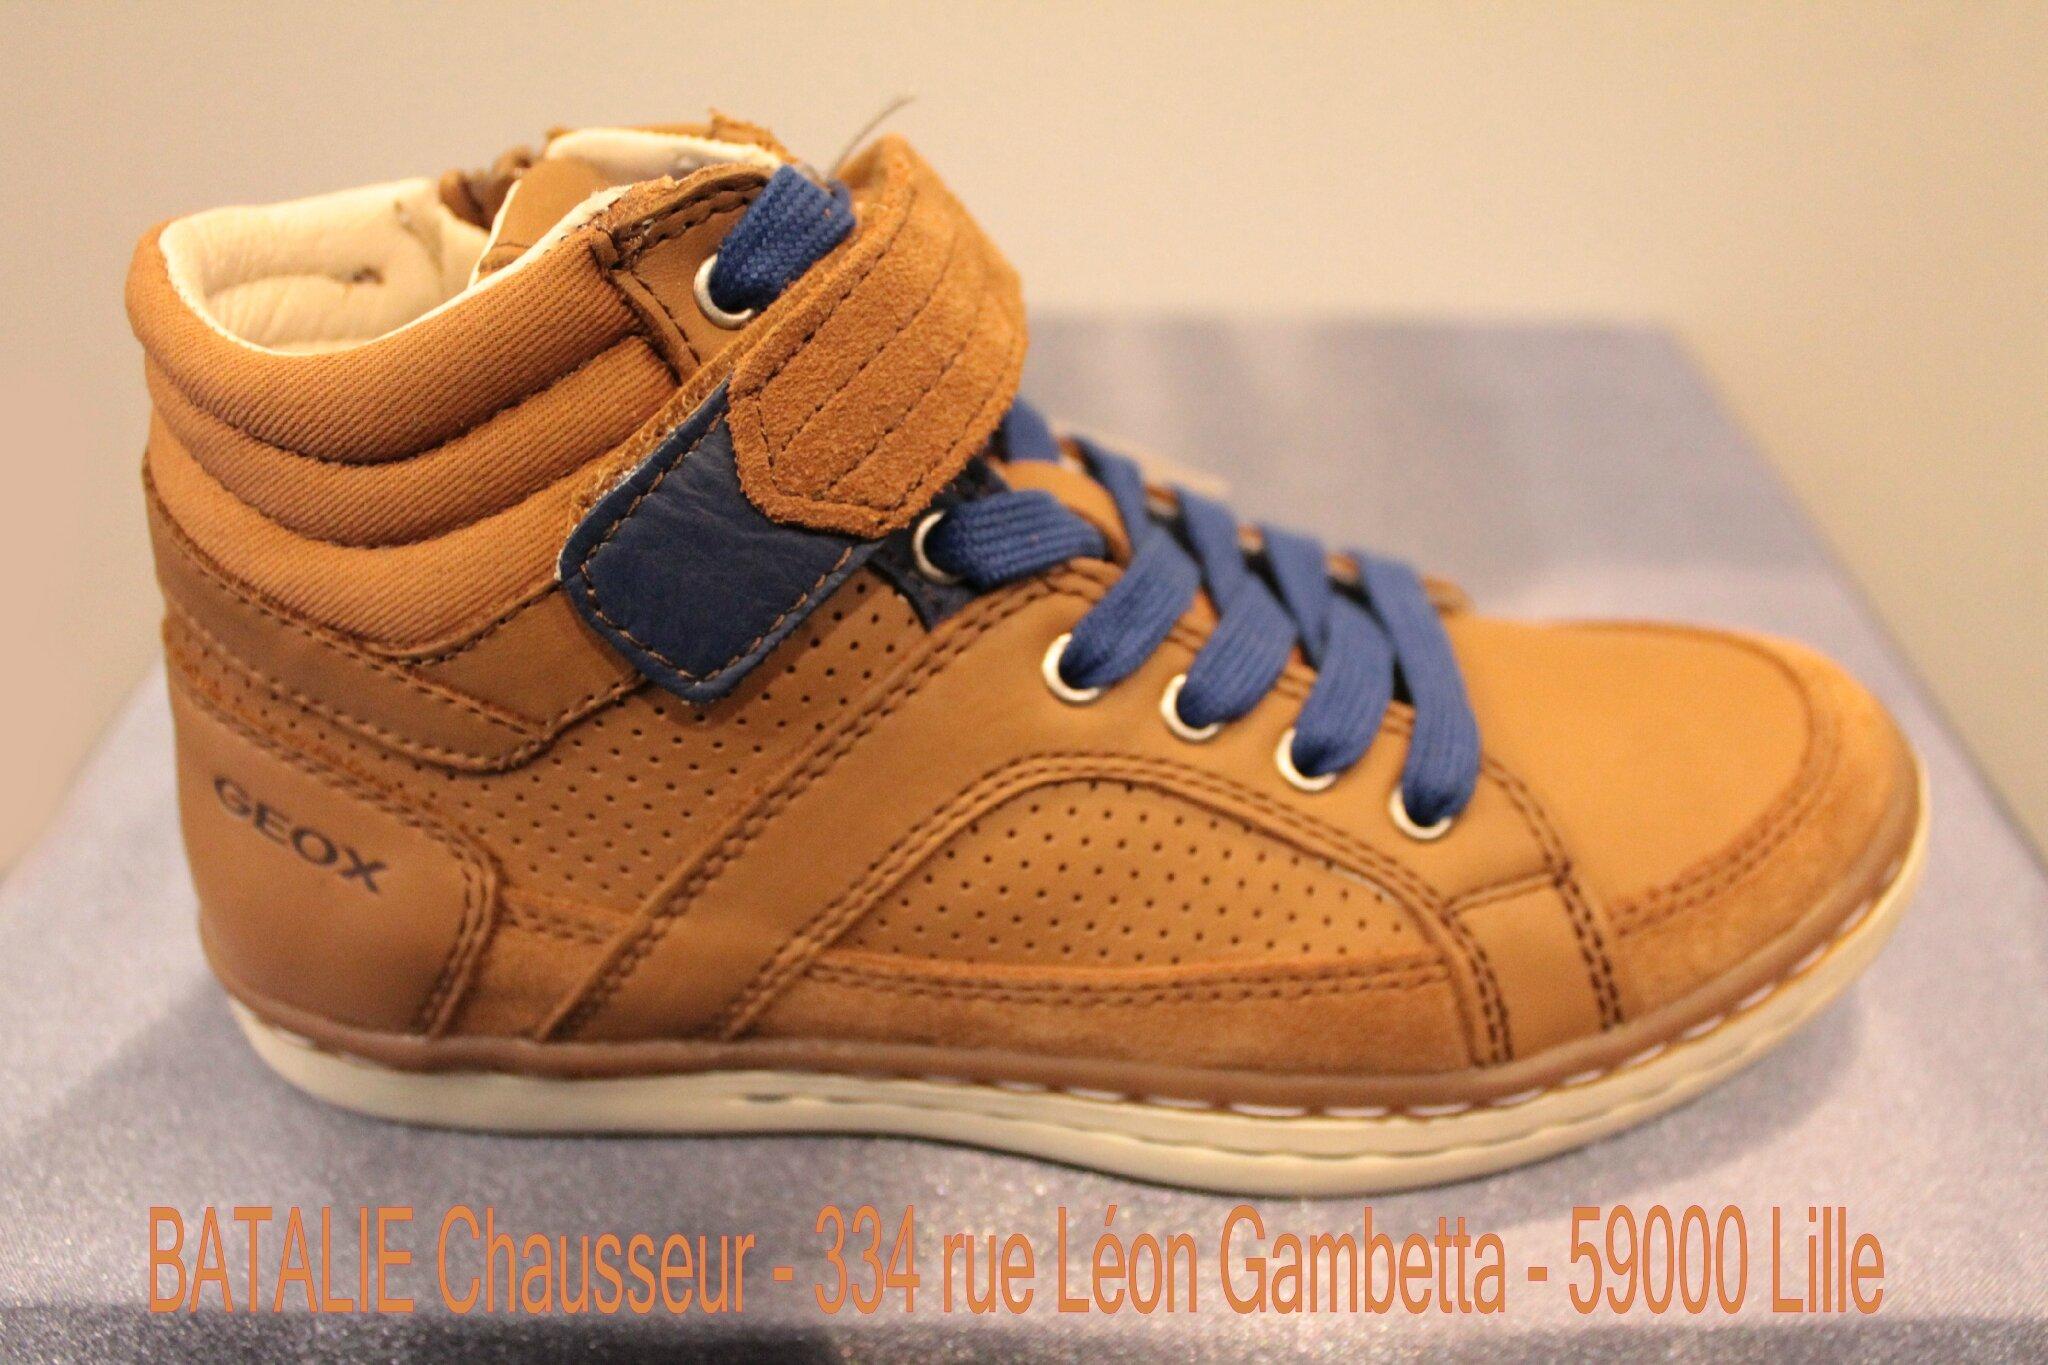 chaussure geox enfant lille boutique Batalie Chausseur 334